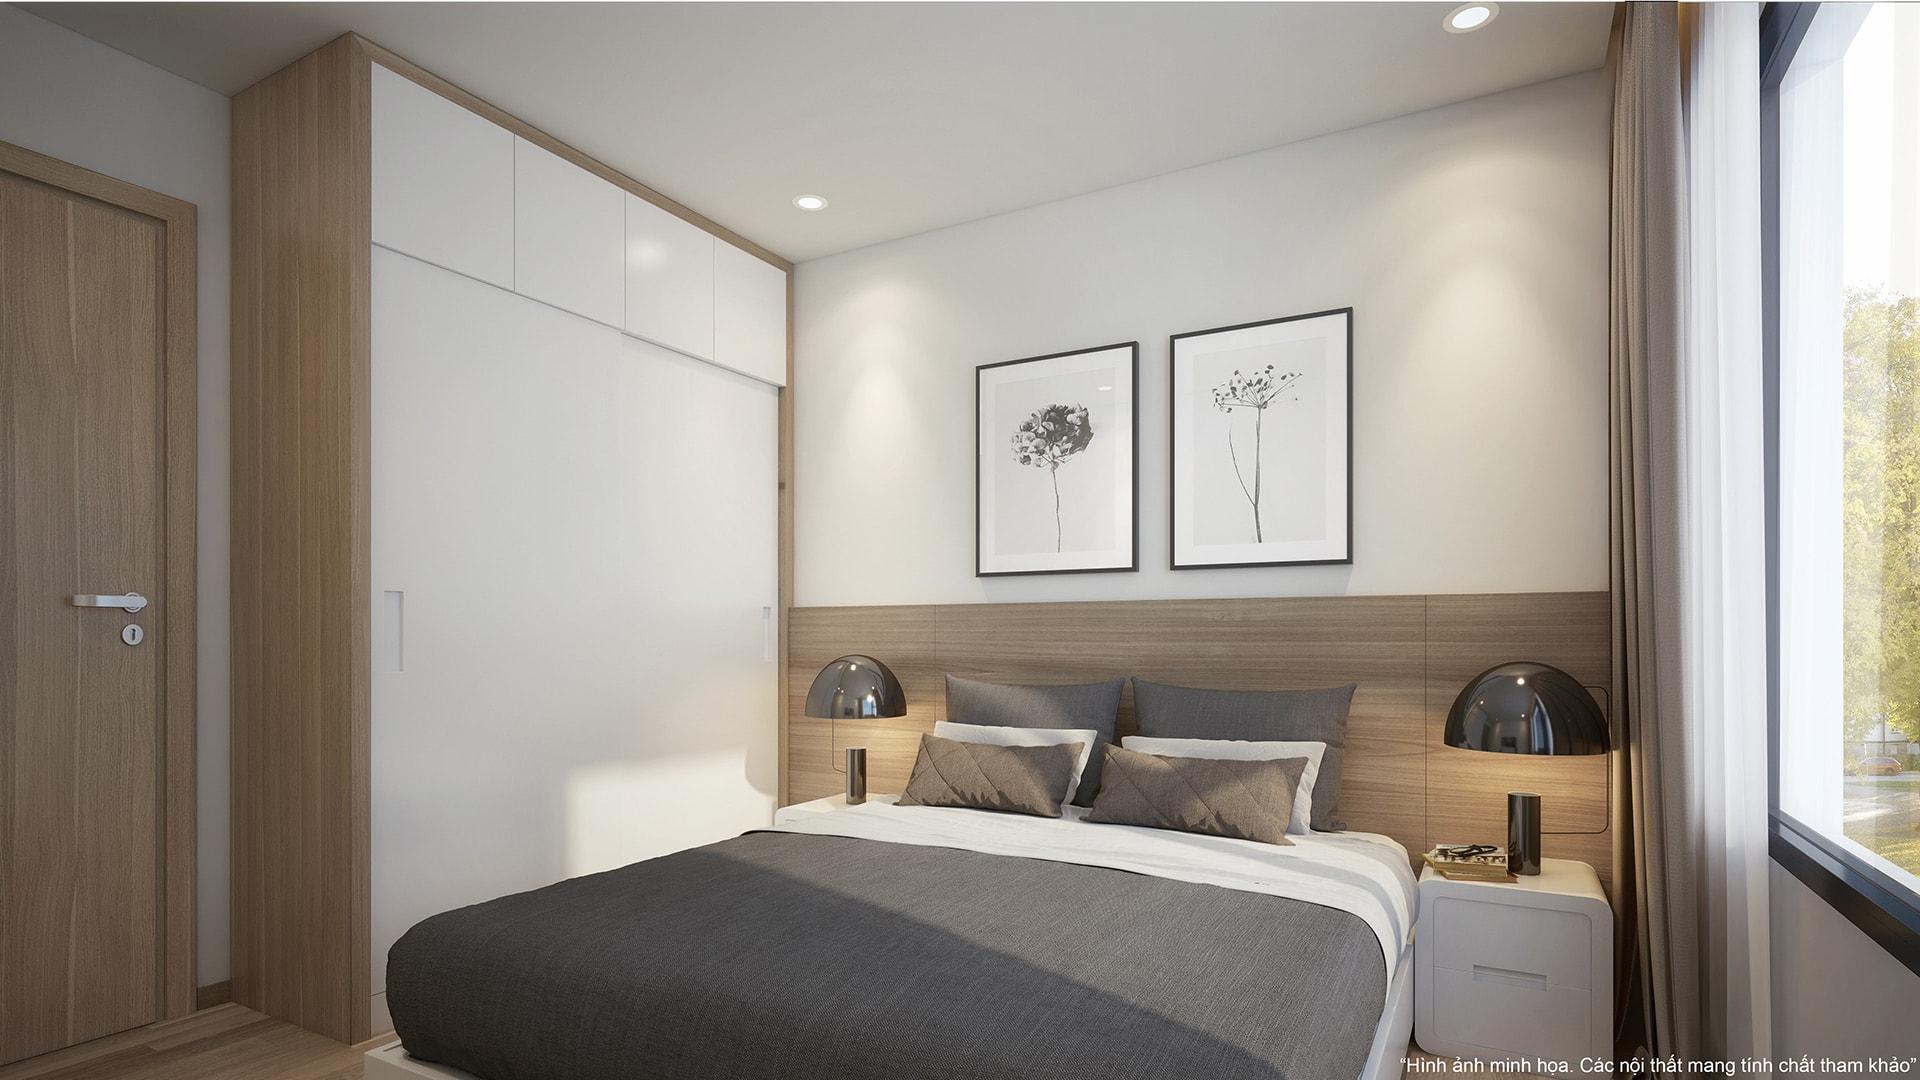 Phòng ngủ Master tại căn hộ 2 phòng ngủ chung cư VinCity